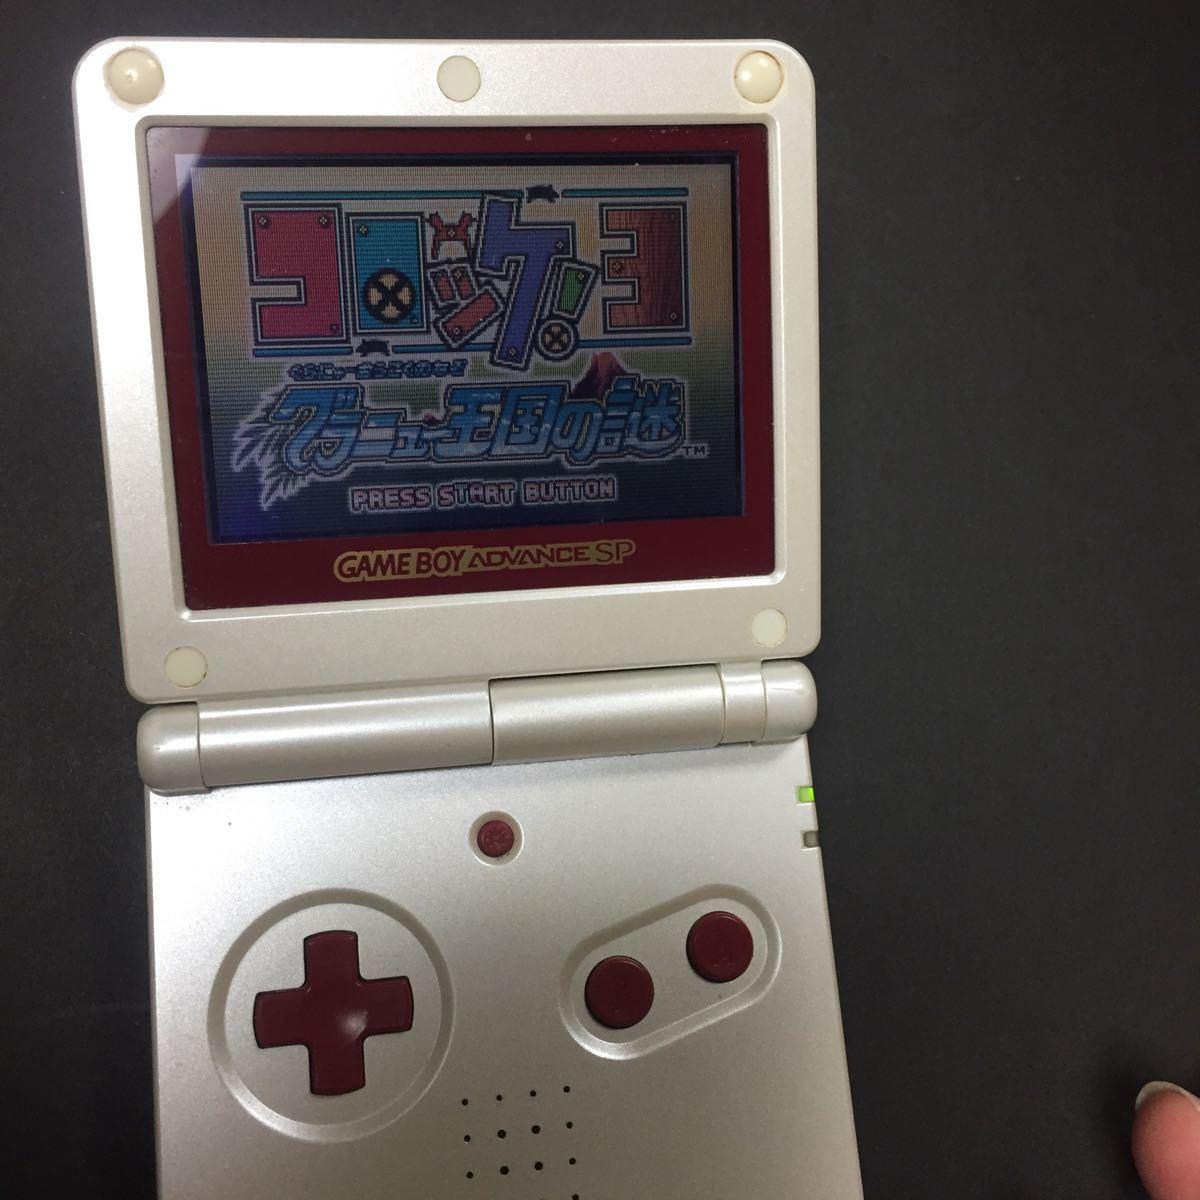 ゲームボーイアドバンスSP ファミコンカラー 送料無料 即決_画像3